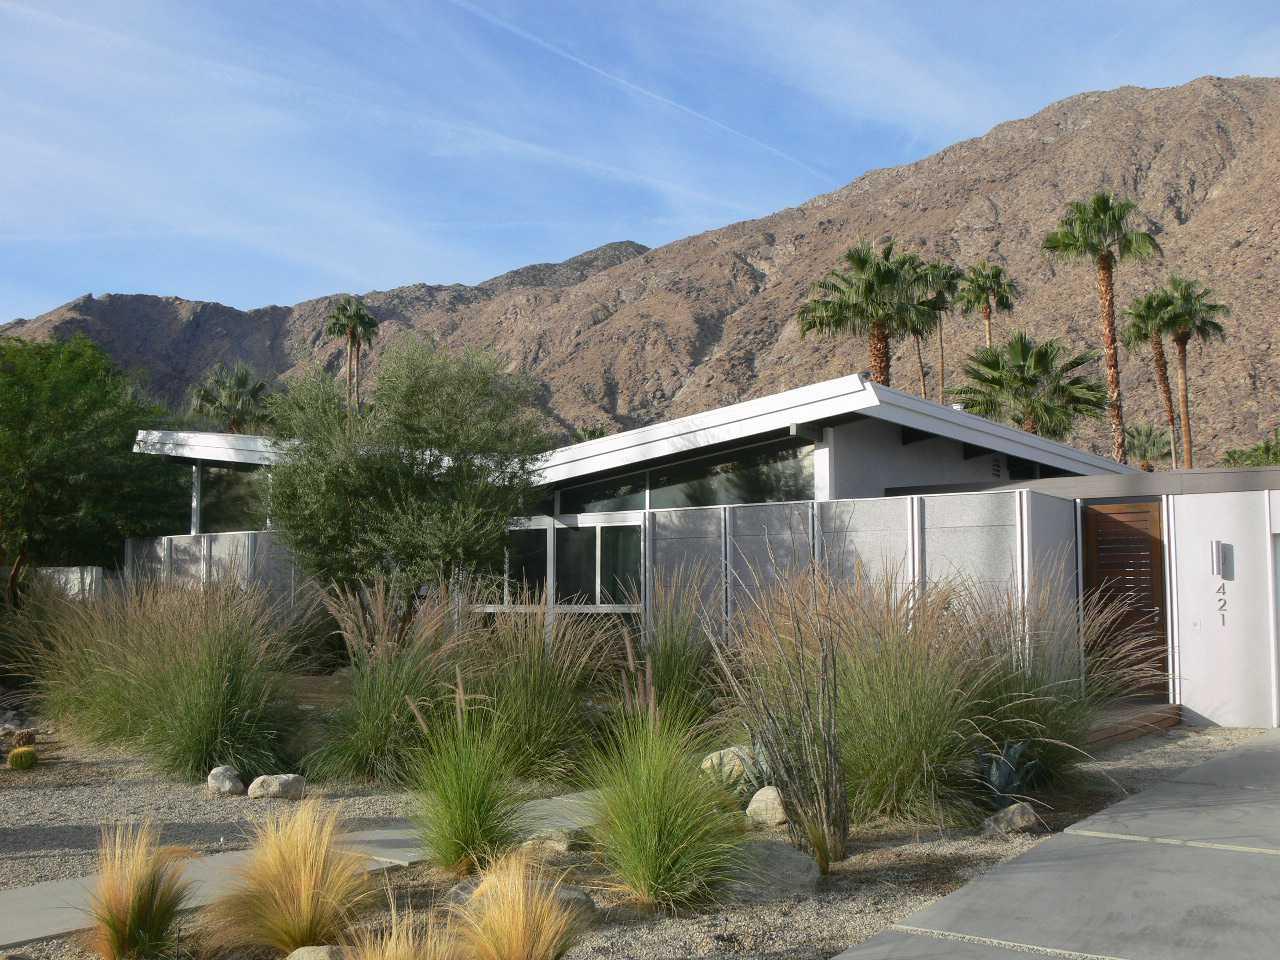 Σπίτι με στέγη πεταλούδας, Παλμ Σπρινγκς, Καλιφόρνια